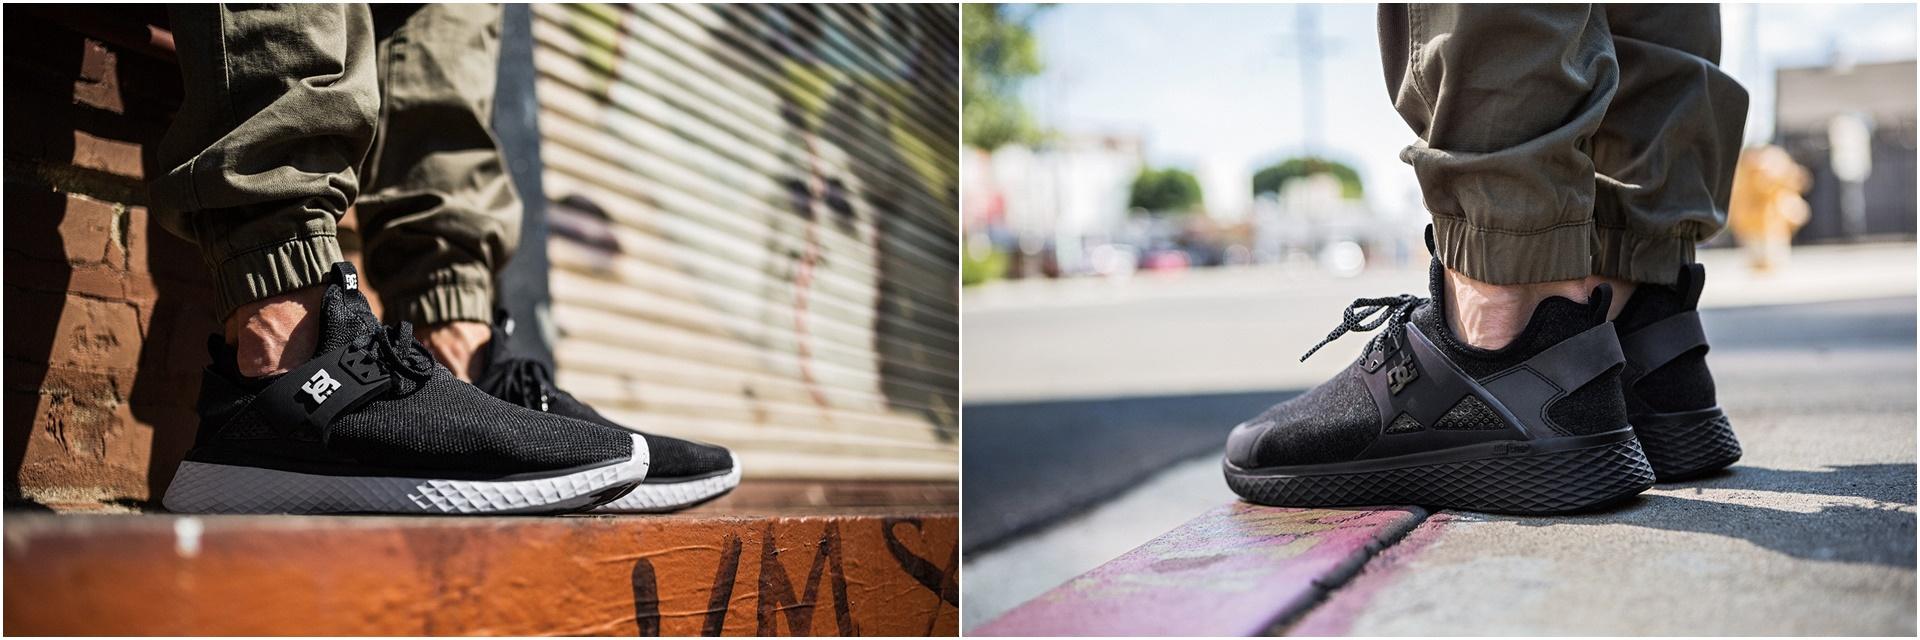 全新進化潮流鞋履 MERIDIAN 重磅登場!探索潮流新航向,你就是自己的移動地圖!